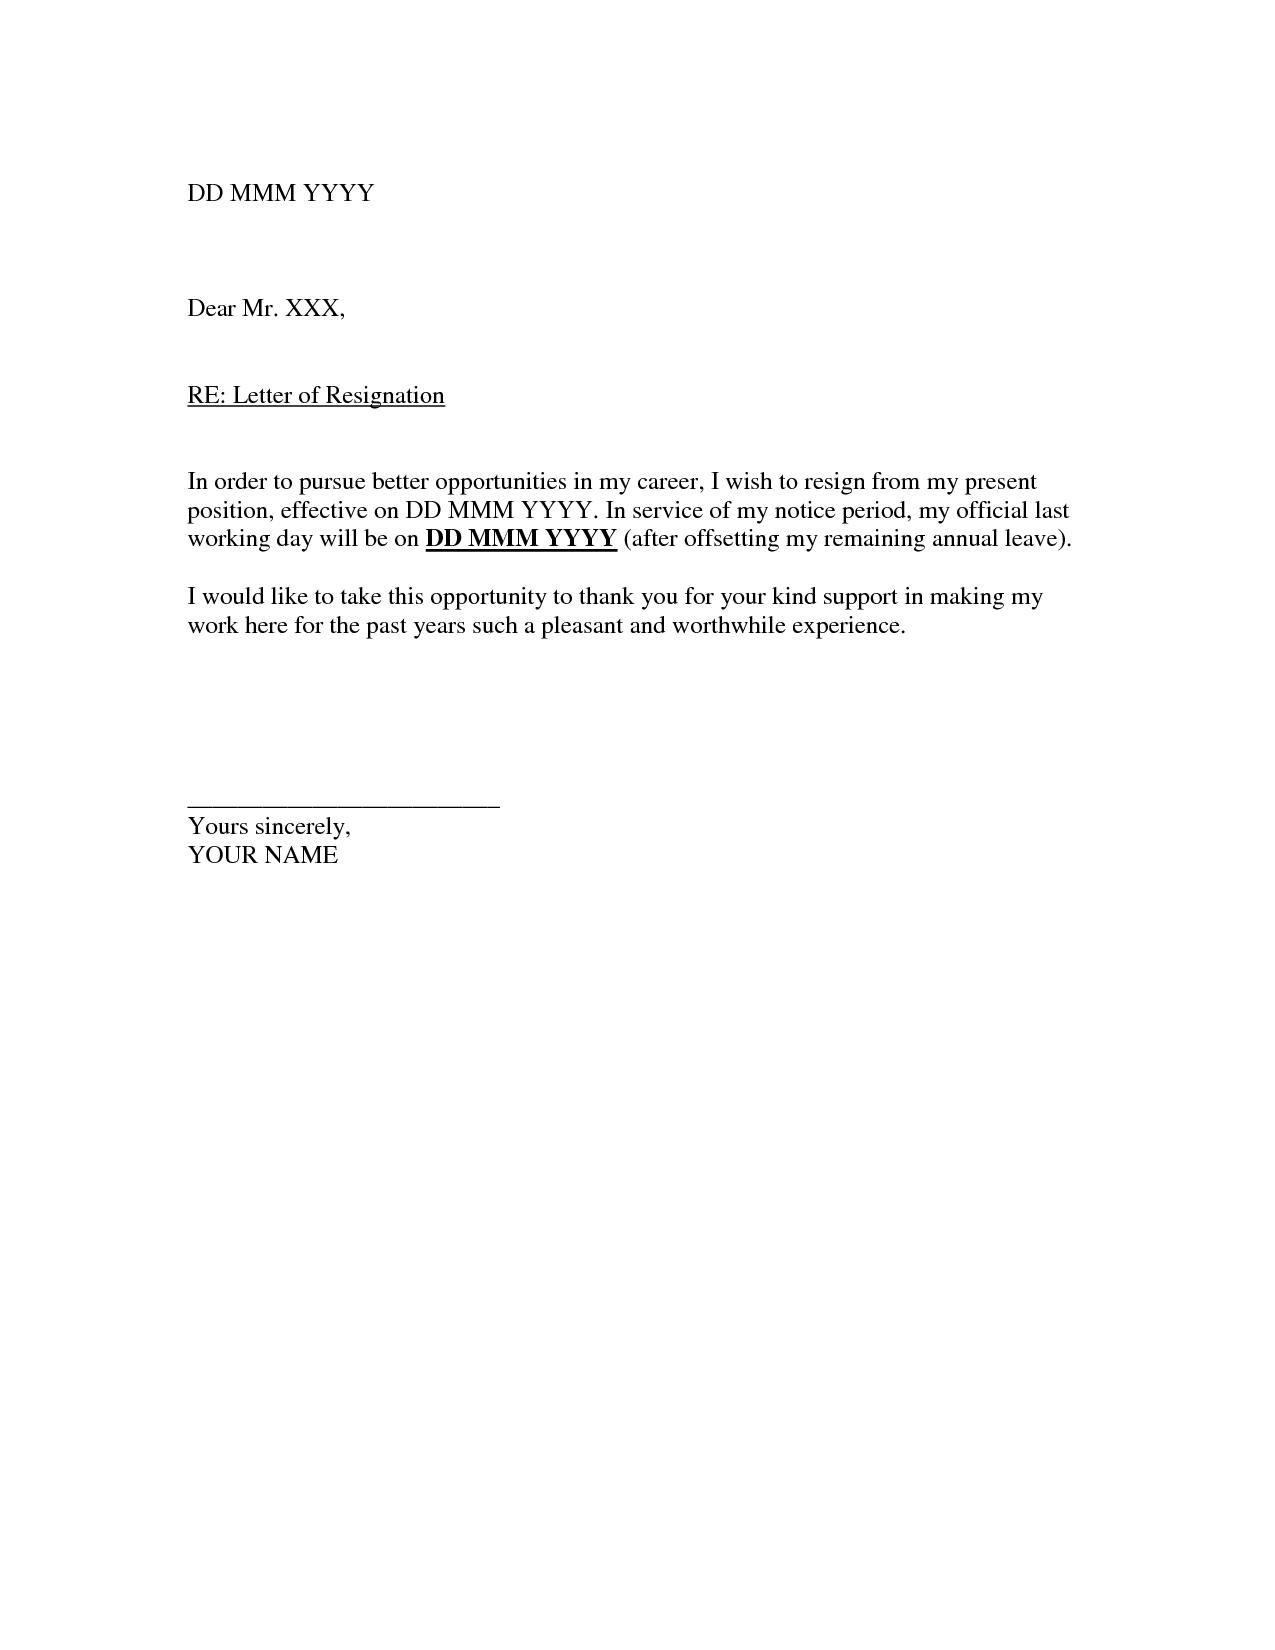 letter of resignation outline